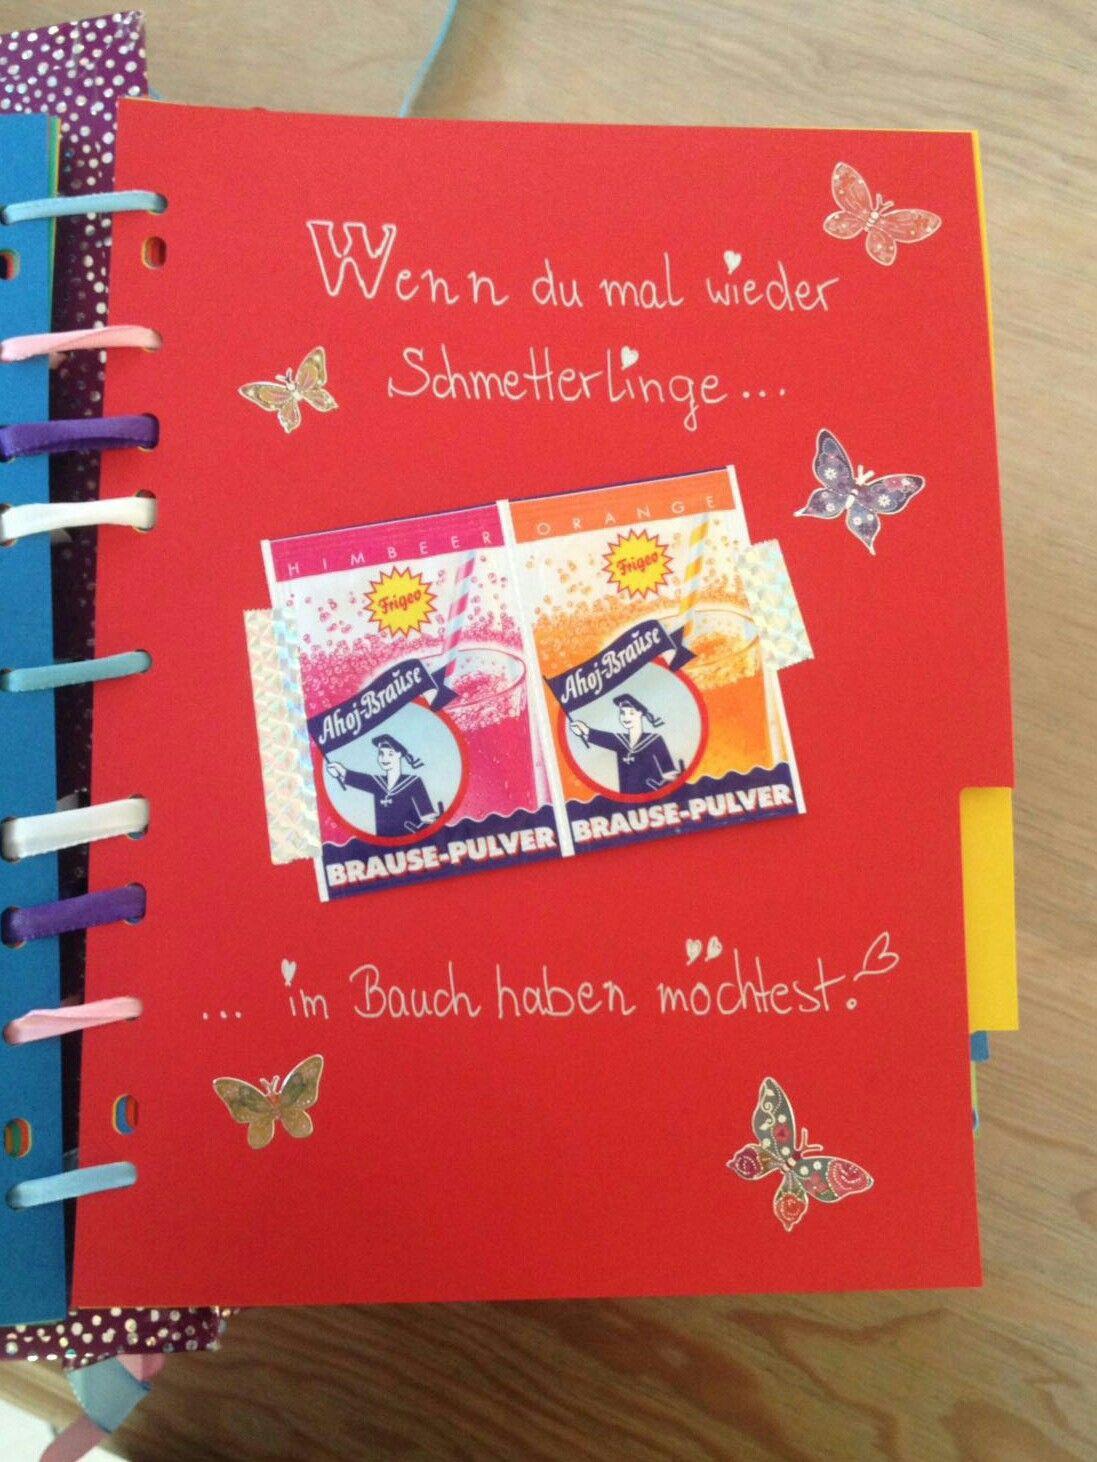 Pin Von Julia Sylvester Auf Wenn Buch Ideen Pinterest